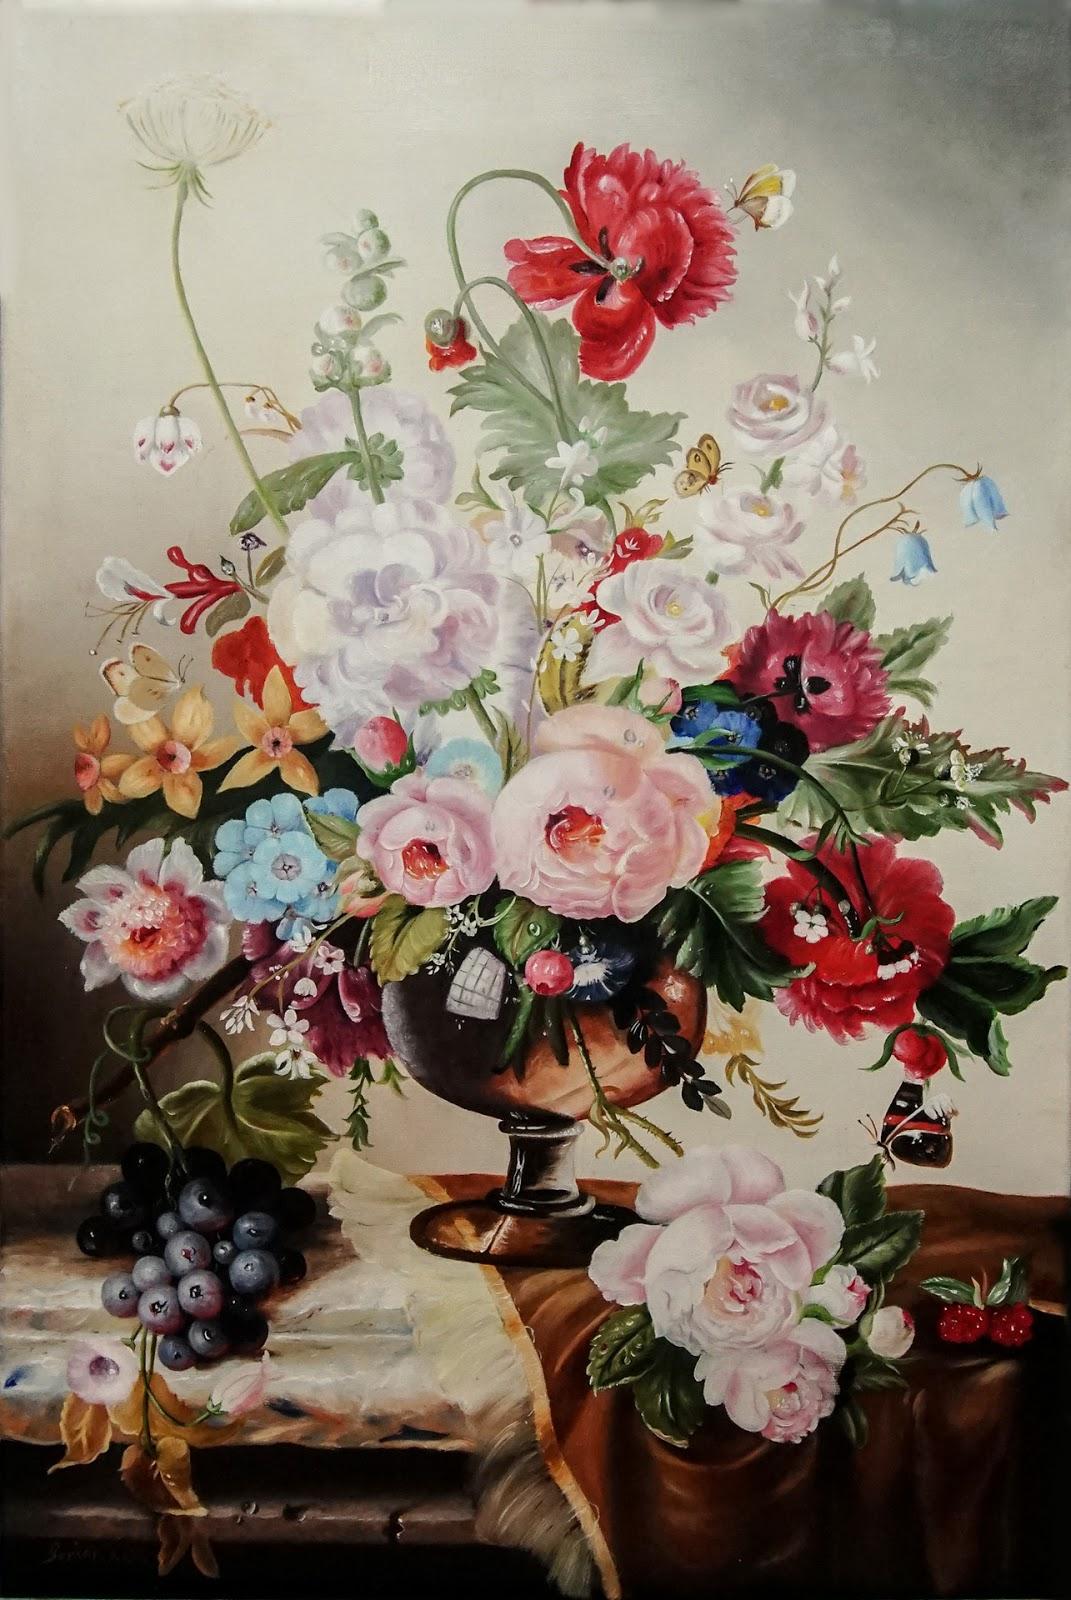 Yağlı Boya Resim Realistik Natürmort çiçekler Ve Kelebekler Türk